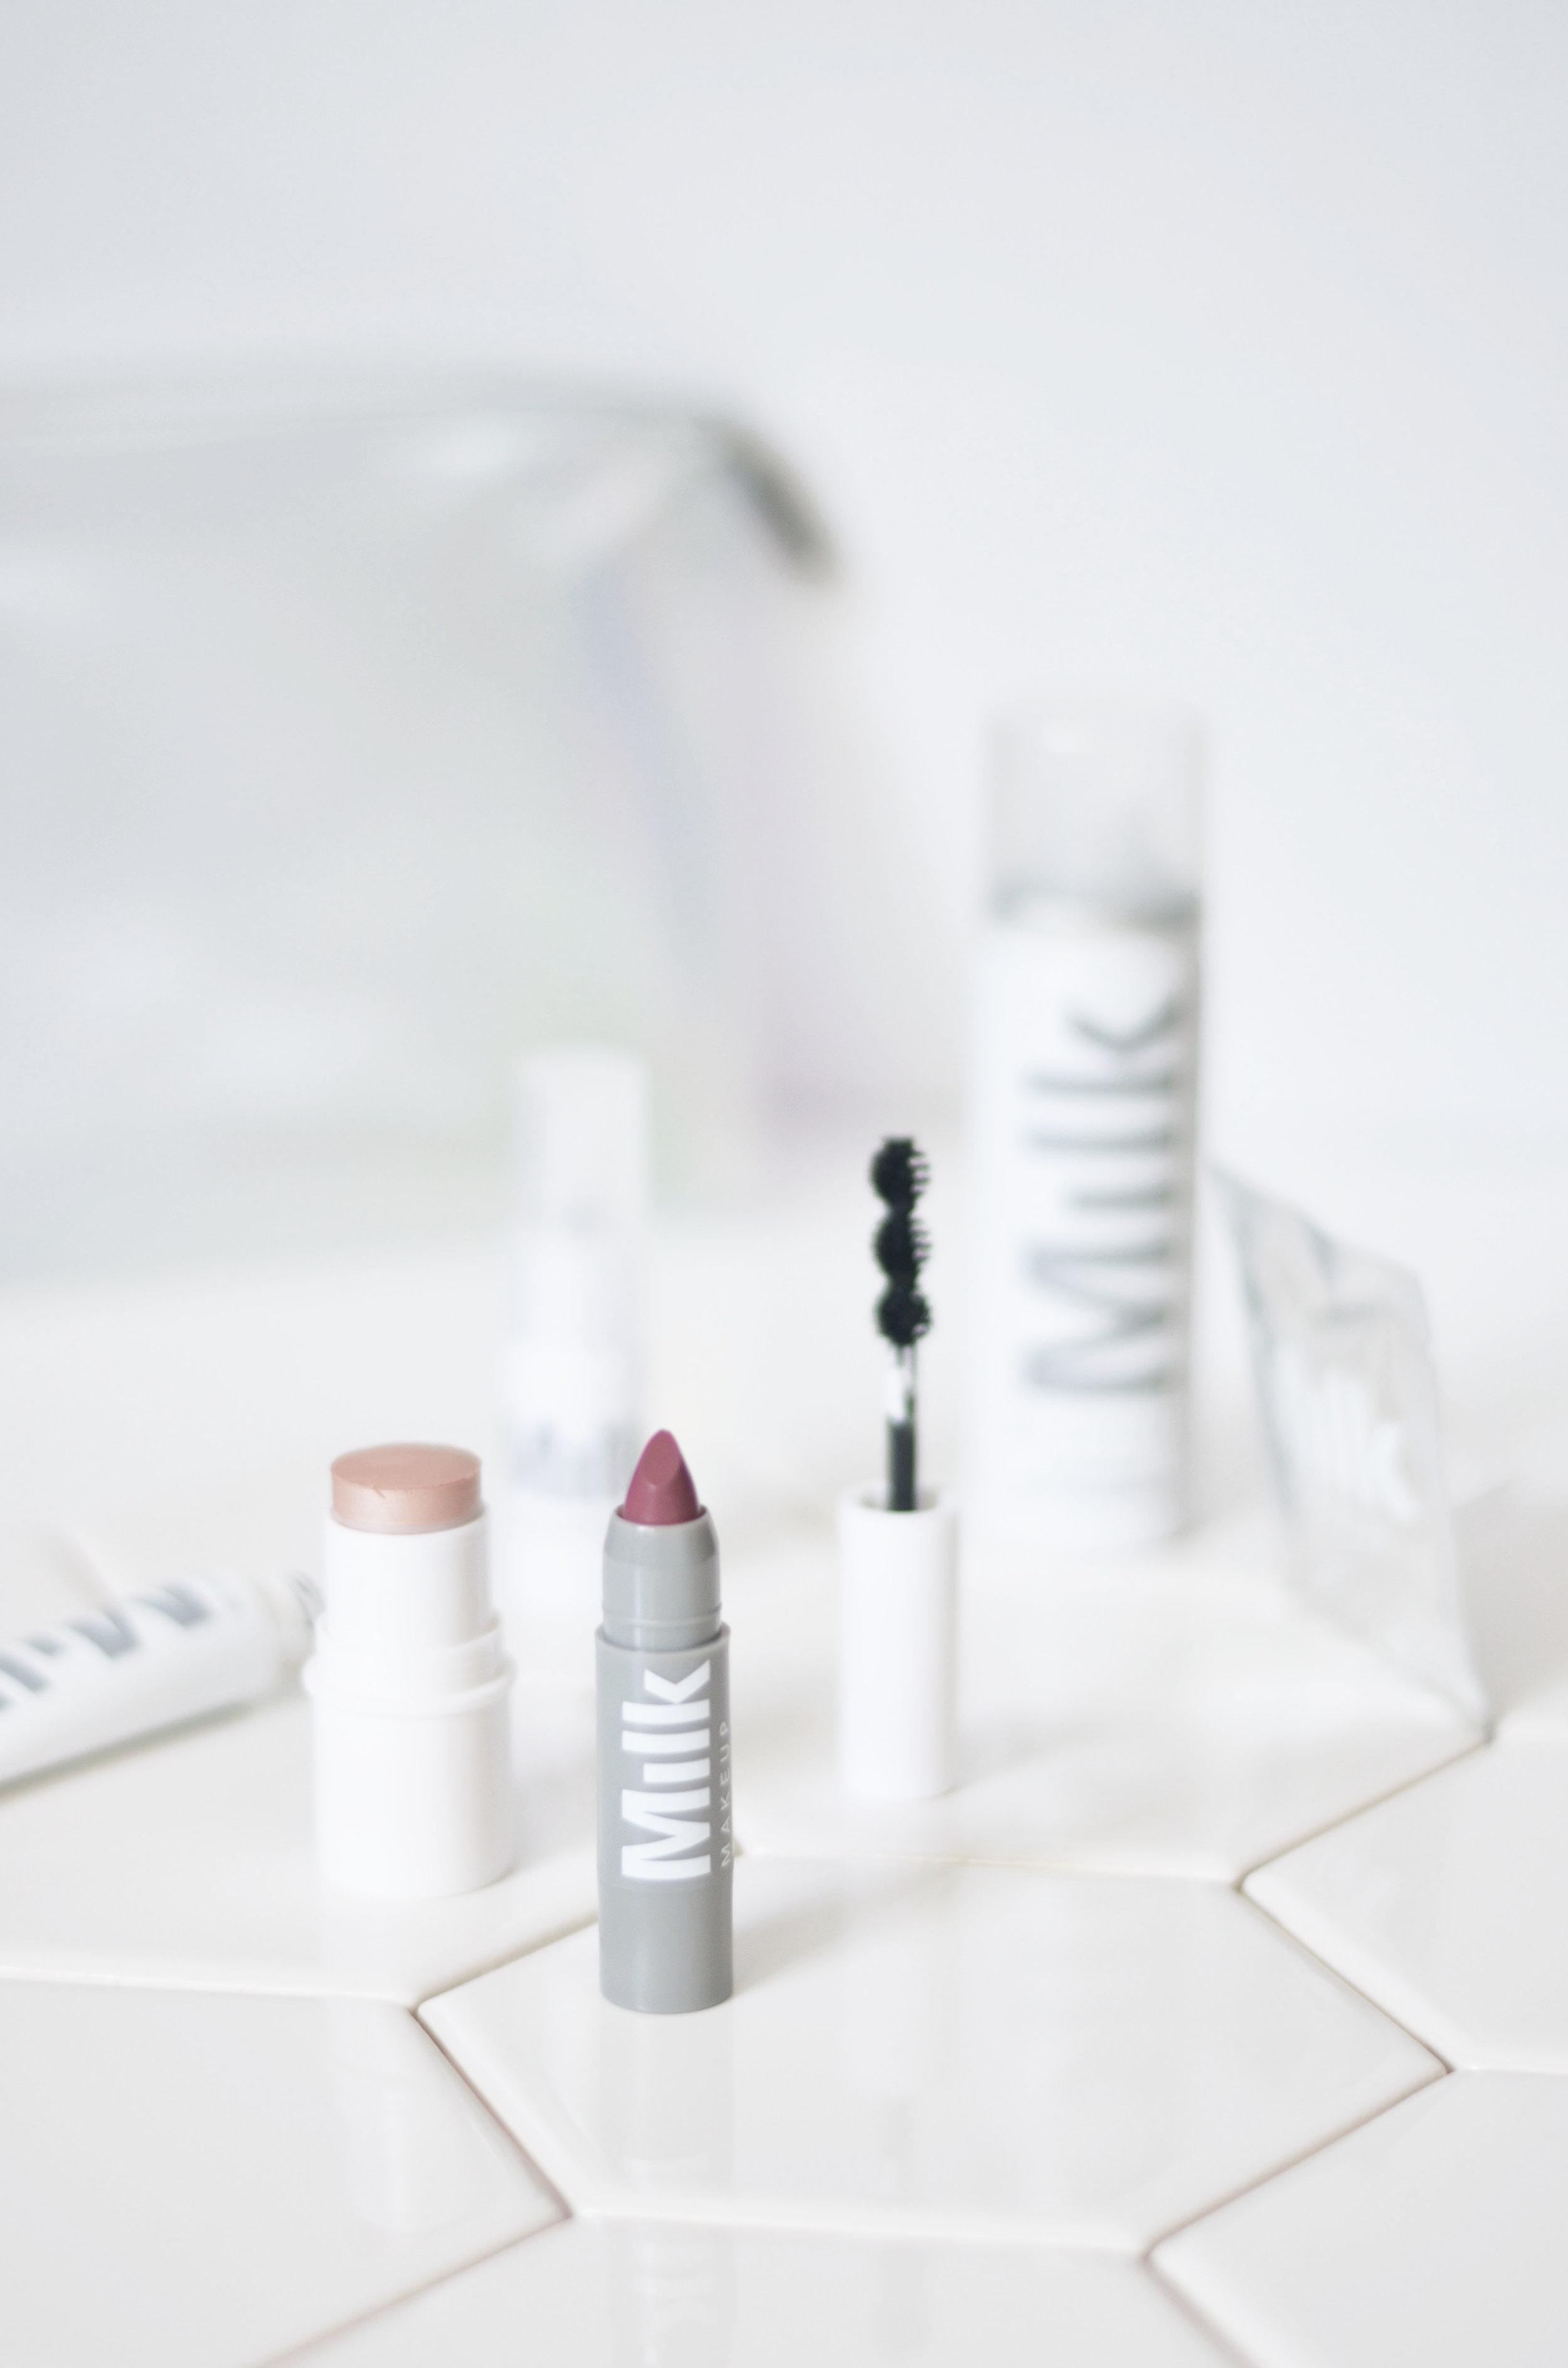 MILK-Makeup-Its-All-A-Blur-3